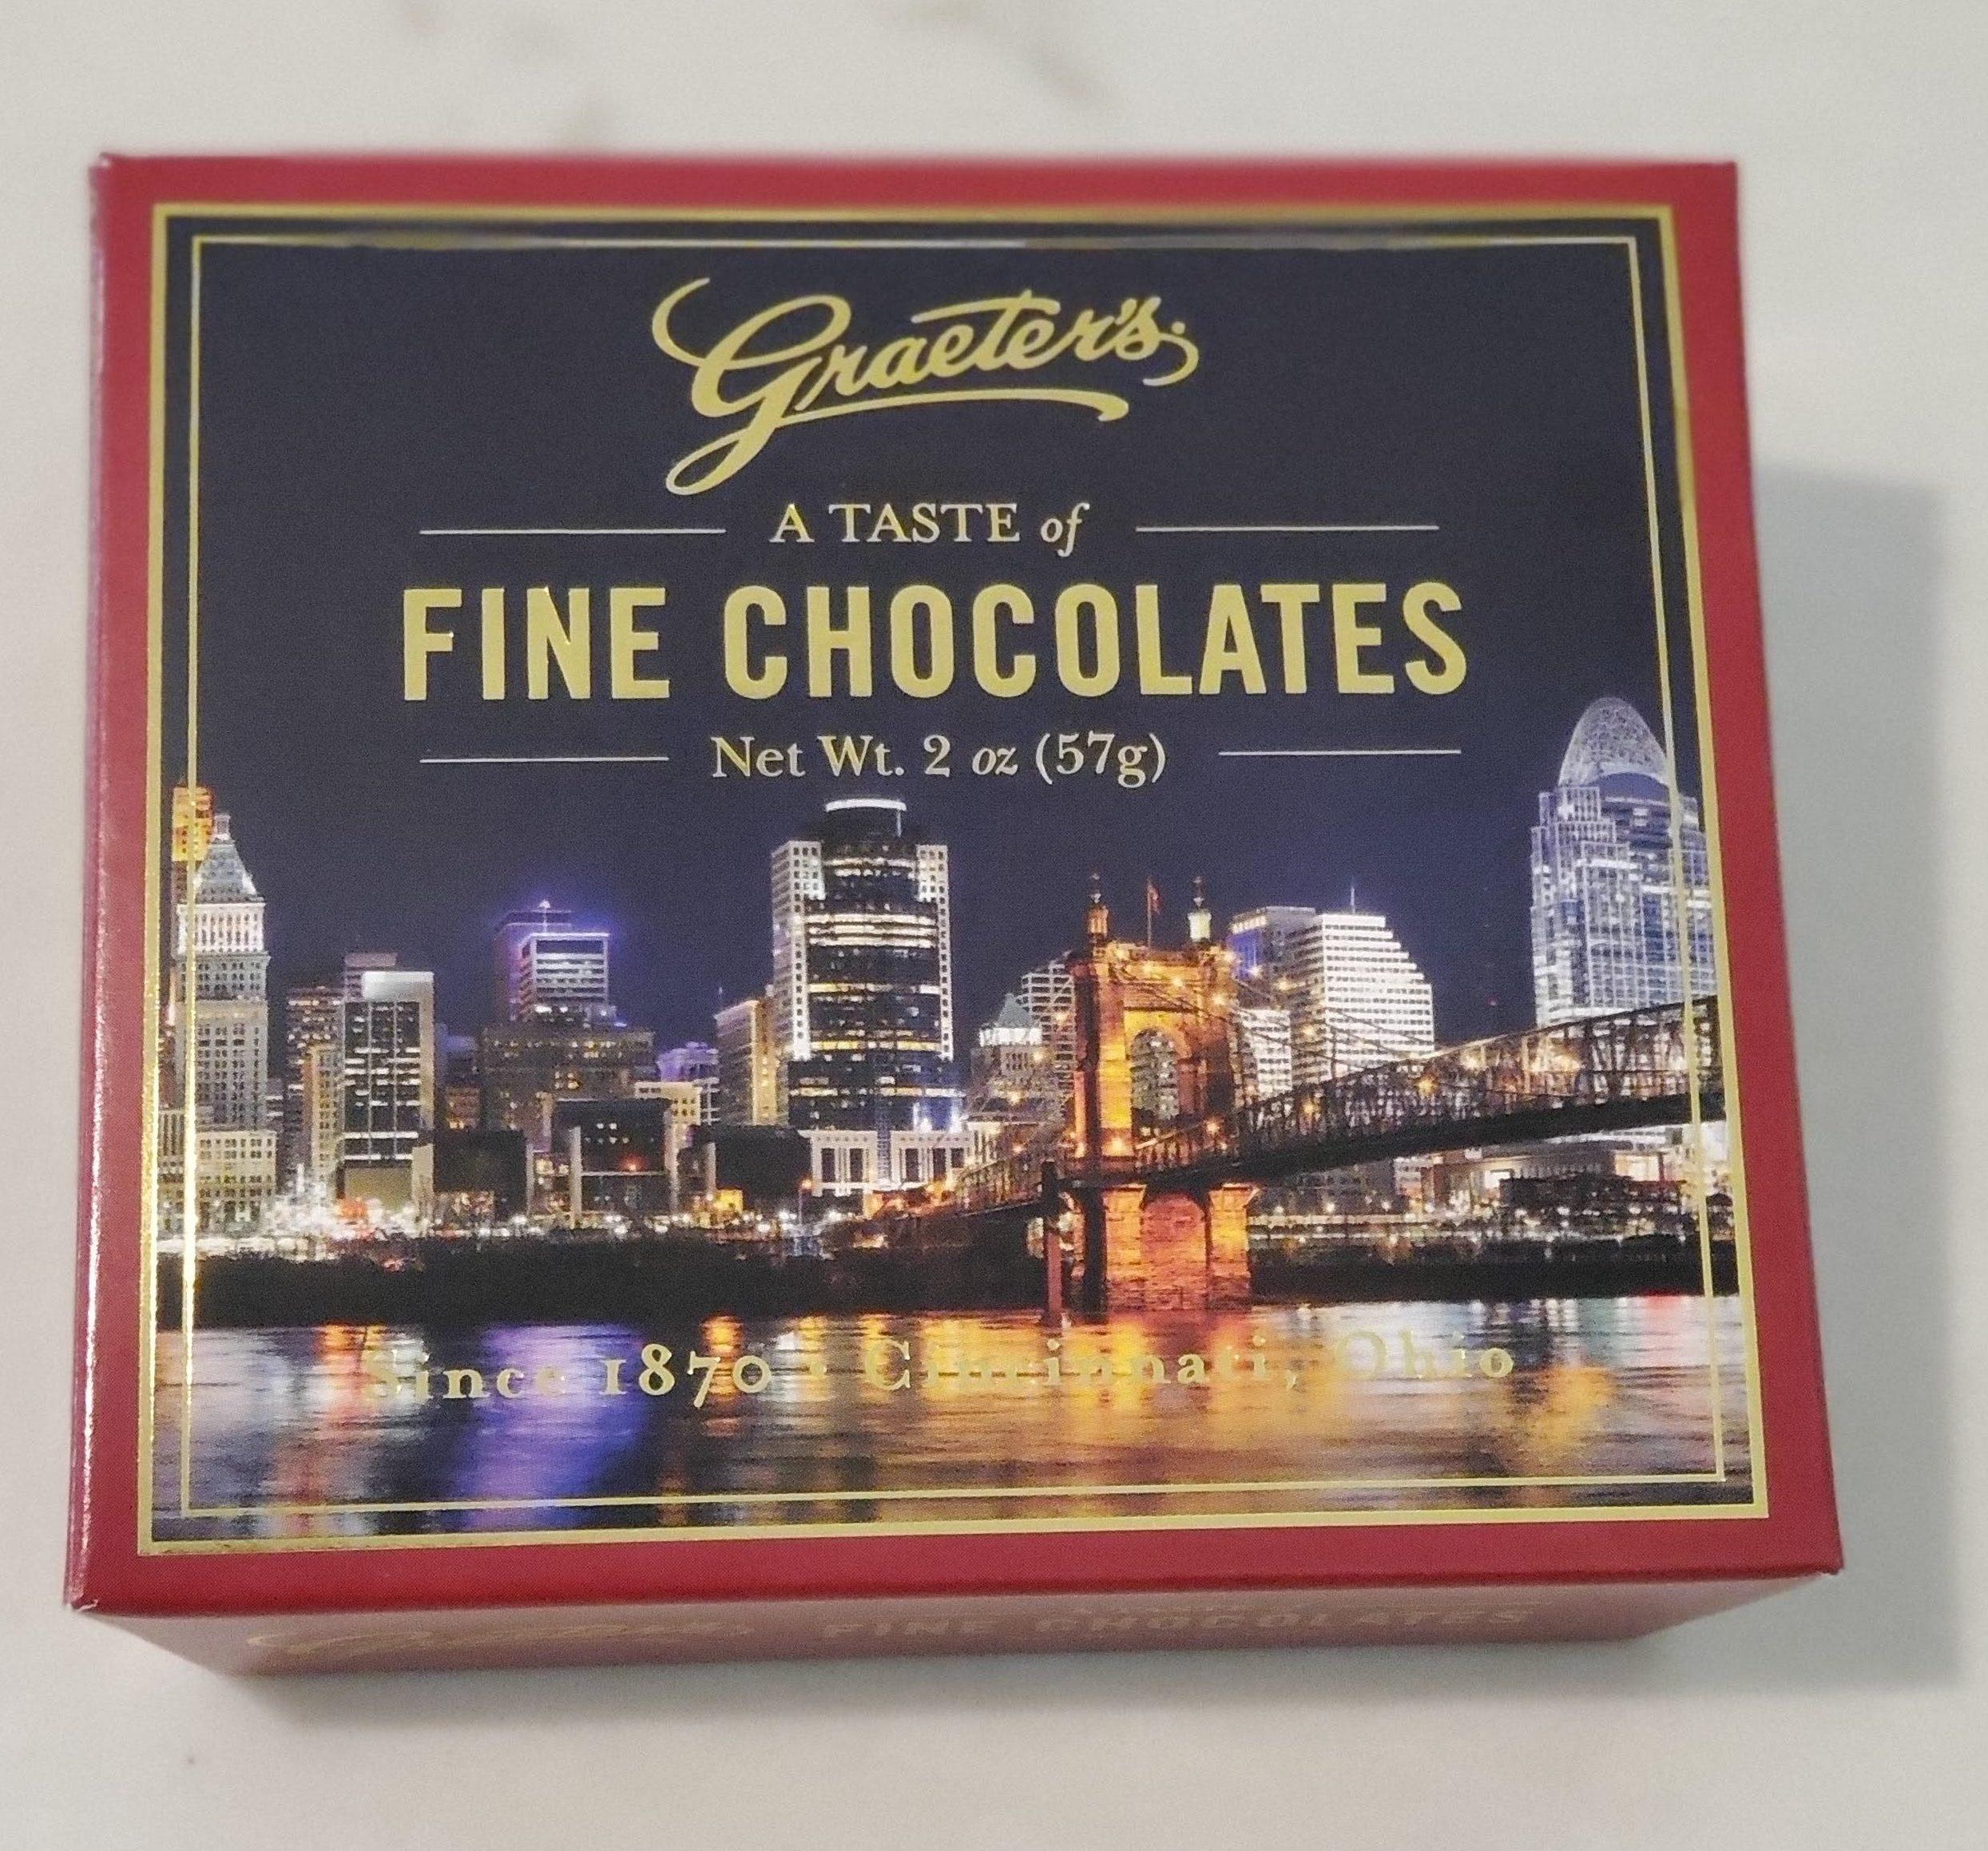 PREMIUM: Graeter's Fine Chocolates